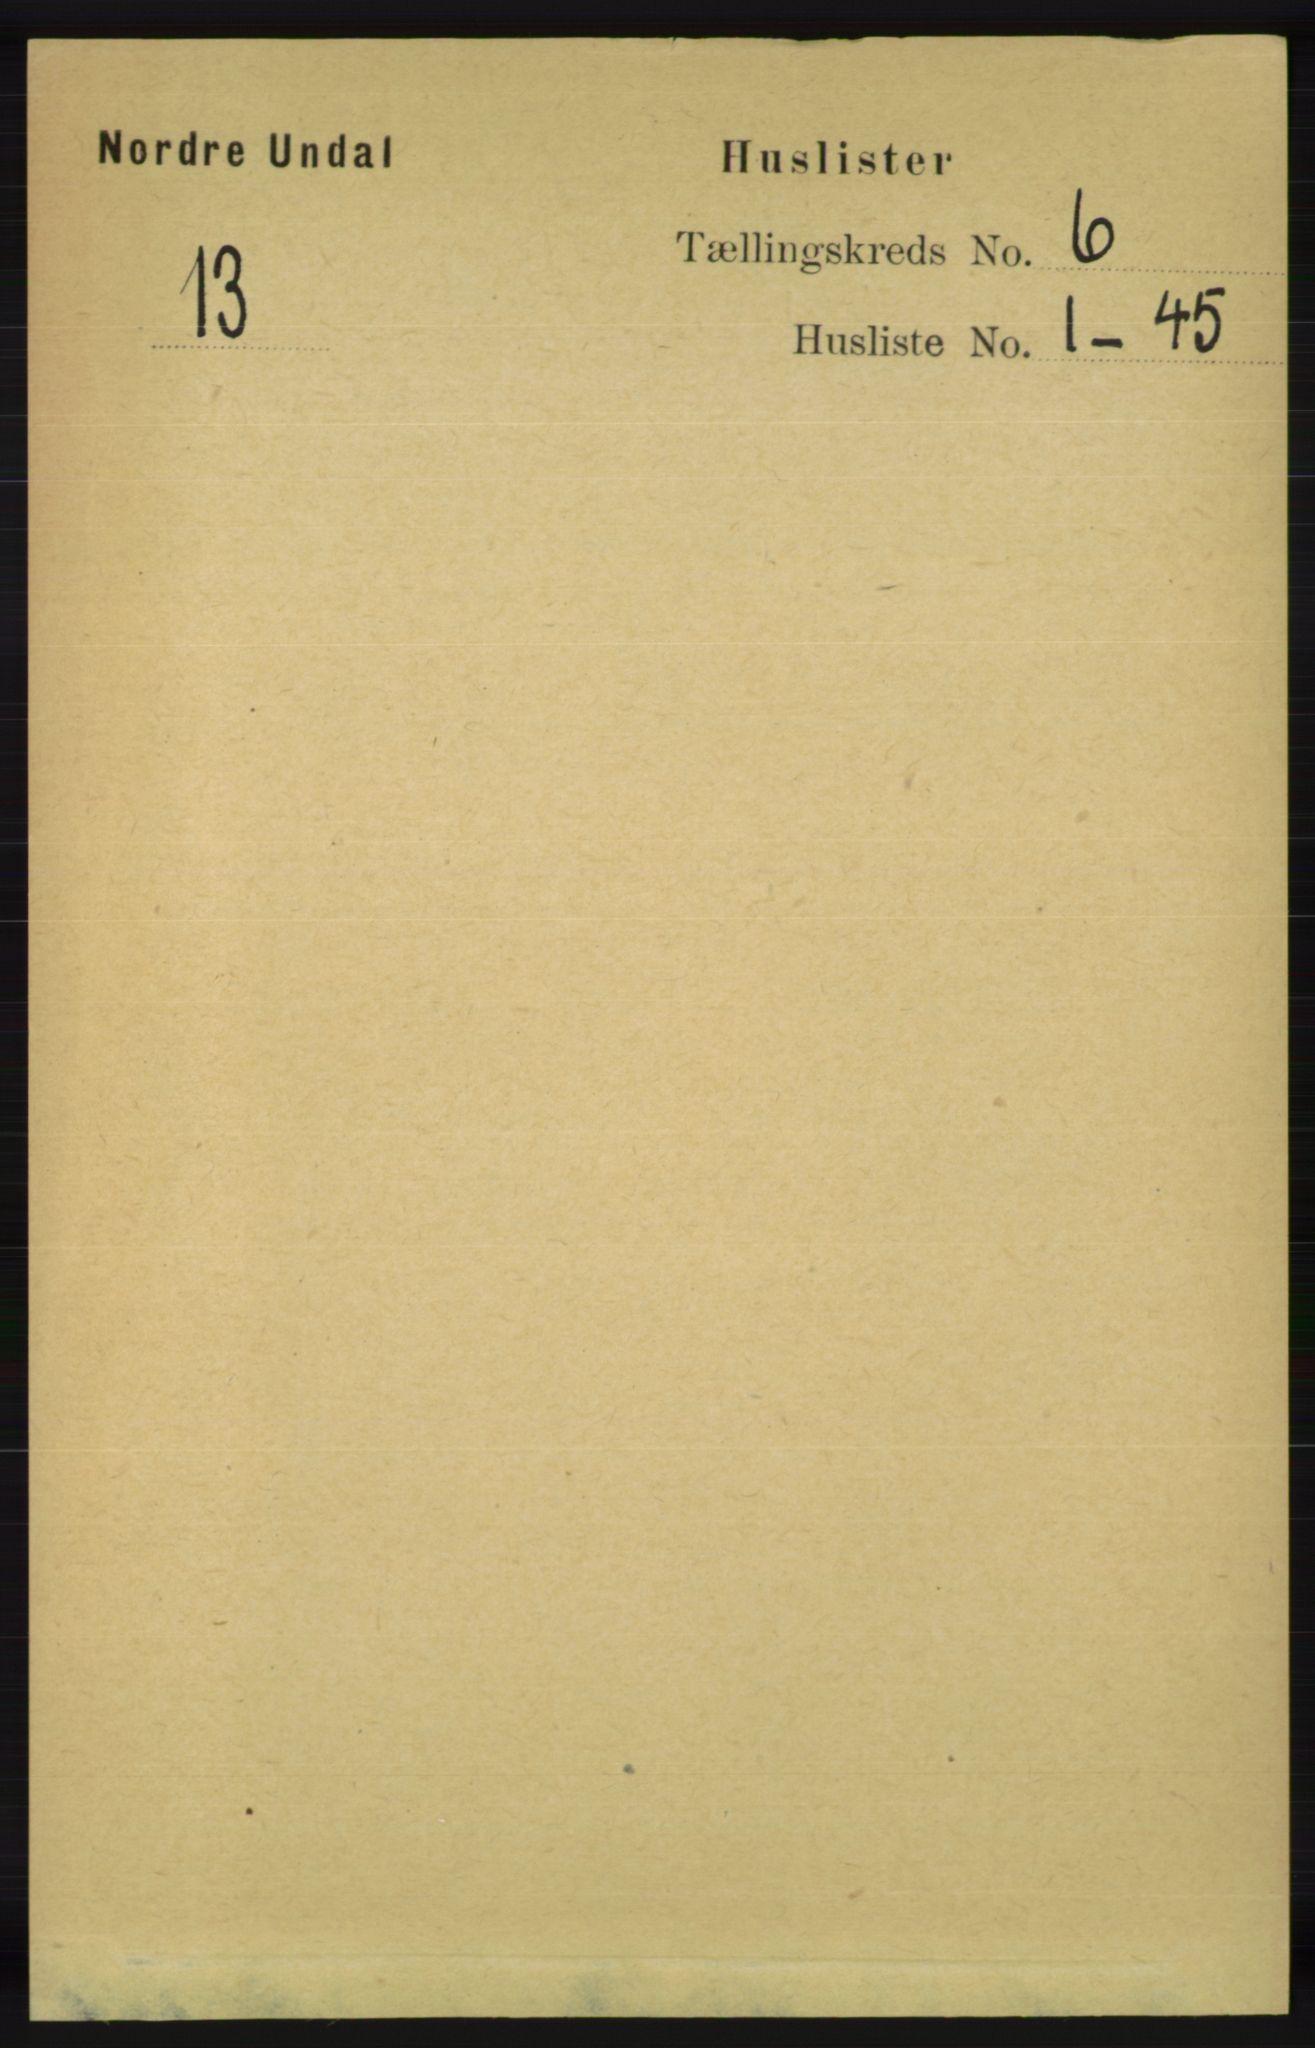 RA, Folketelling 1891 for 1028 Nord-Audnedal herred, 1891, s. 1457